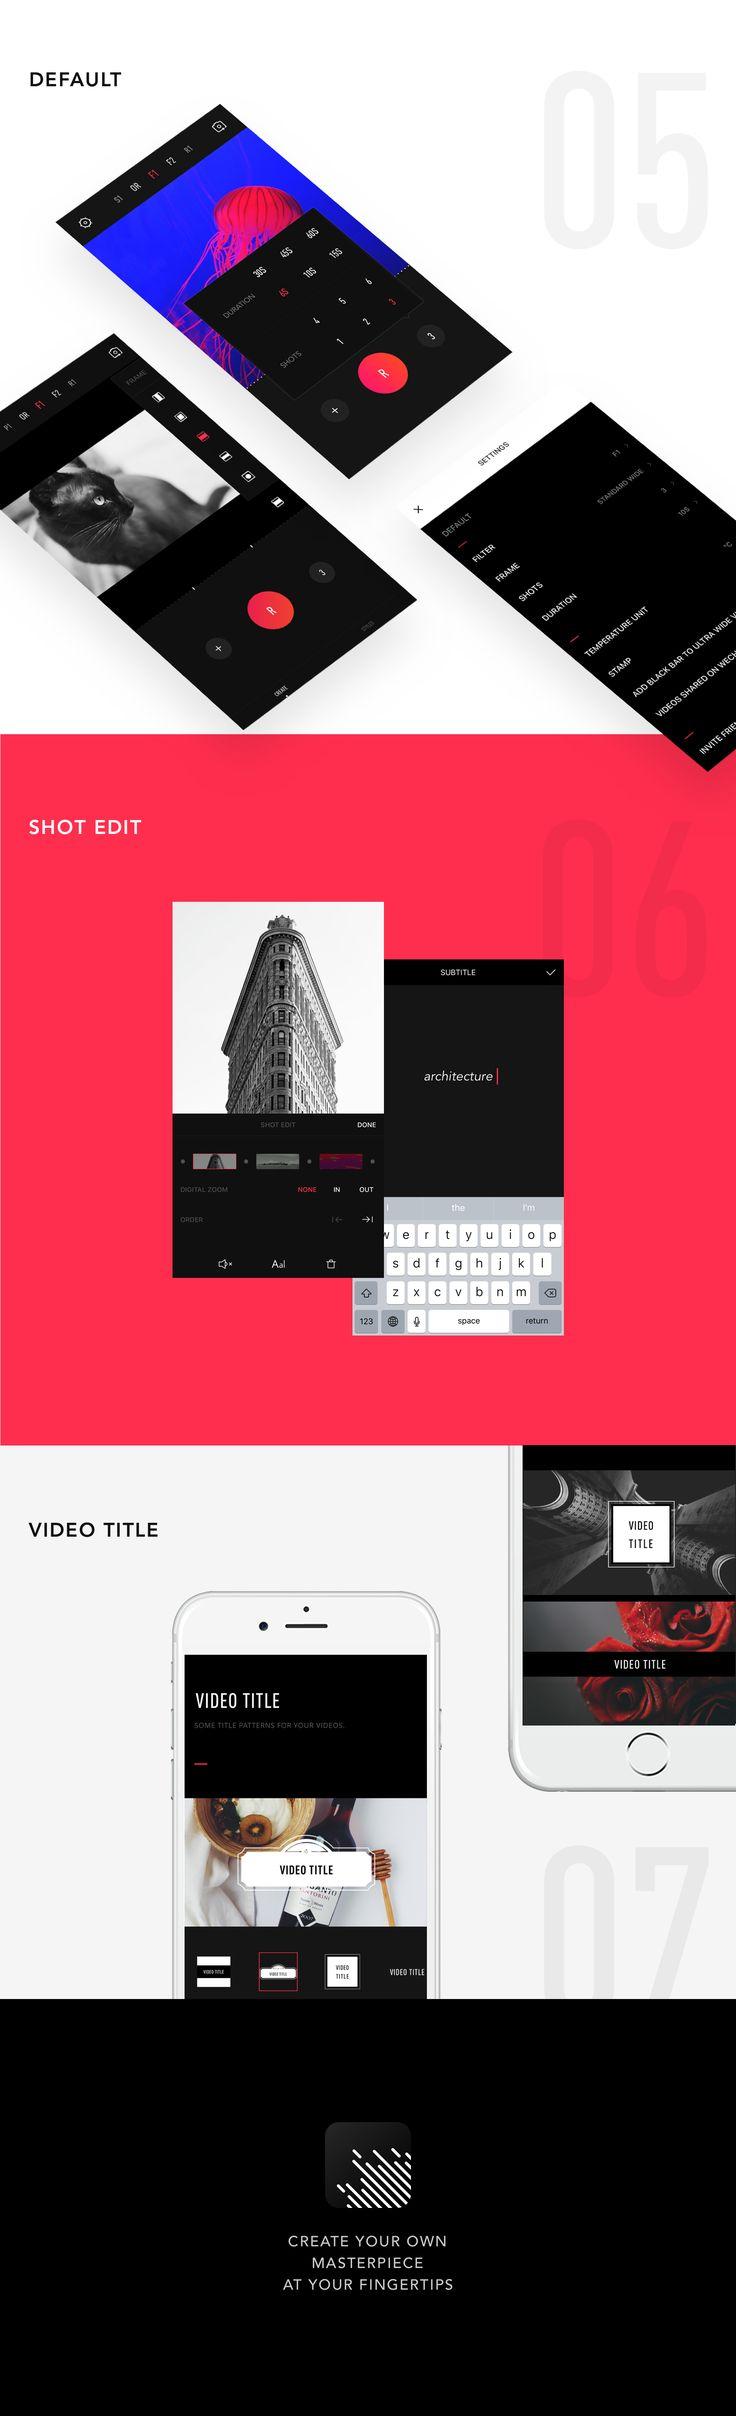 VUE - video editor & movie maker